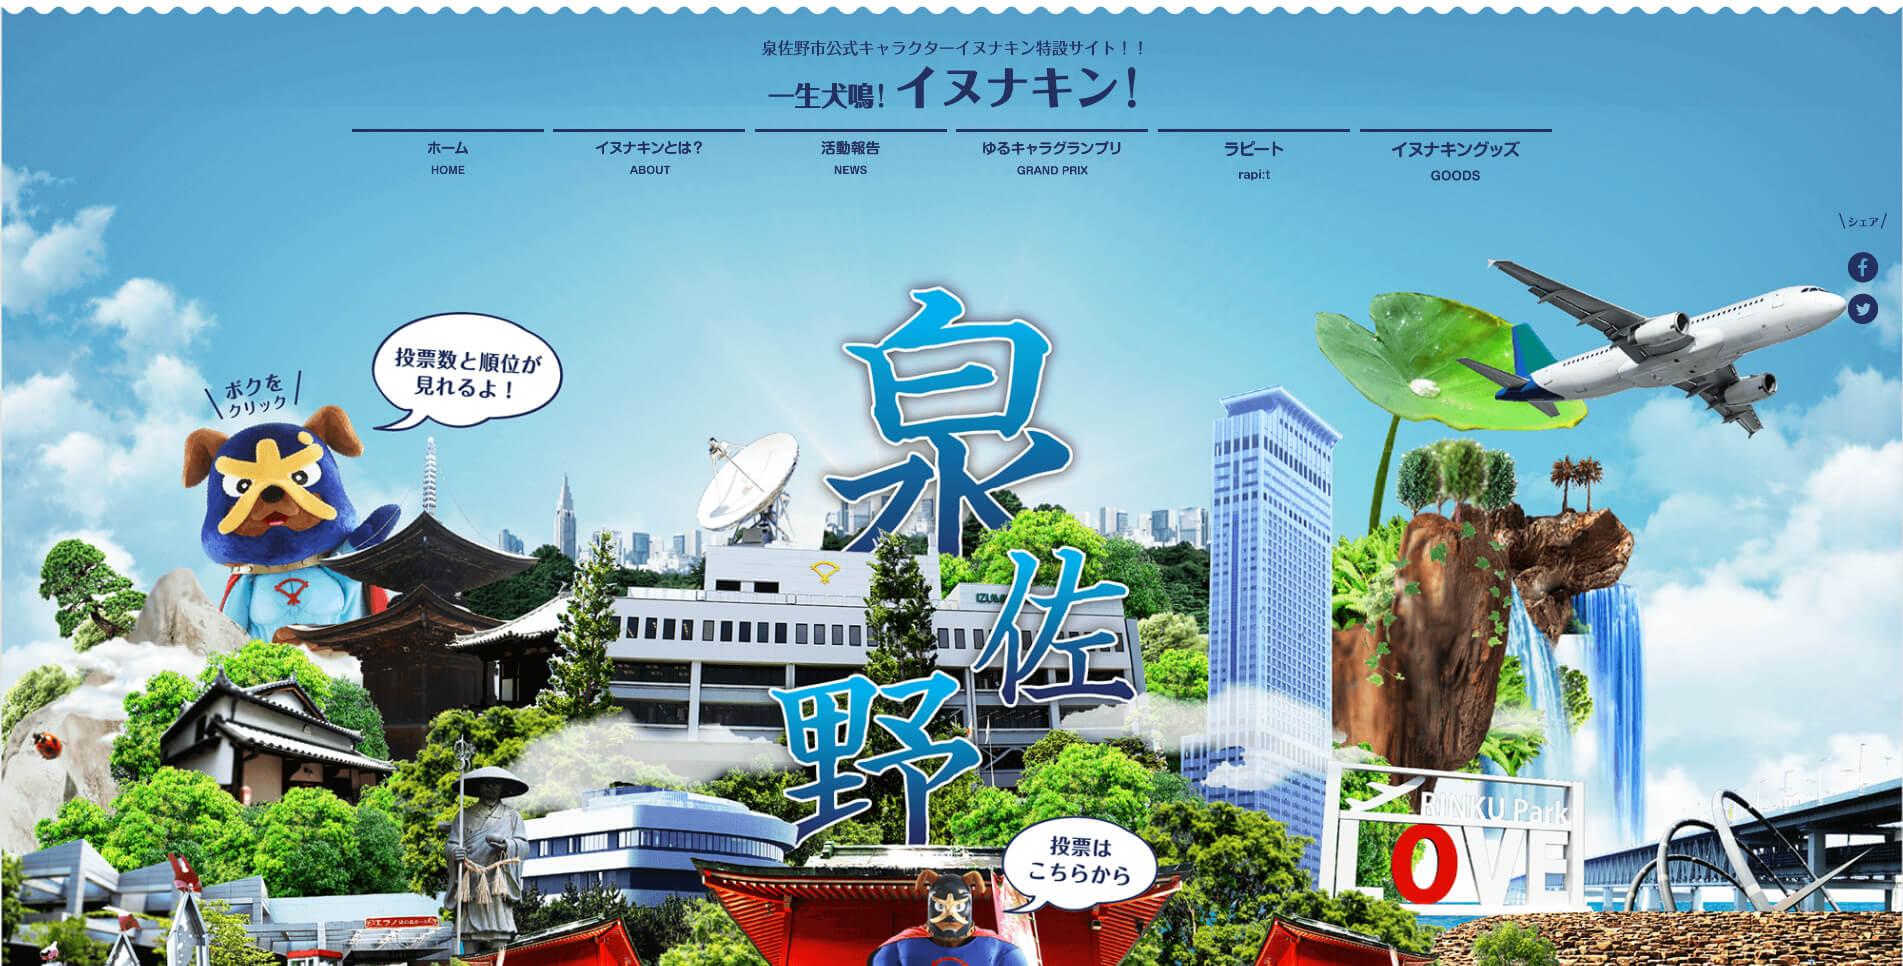 泉佐野市公式キャラクター イヌナキン特設サイト